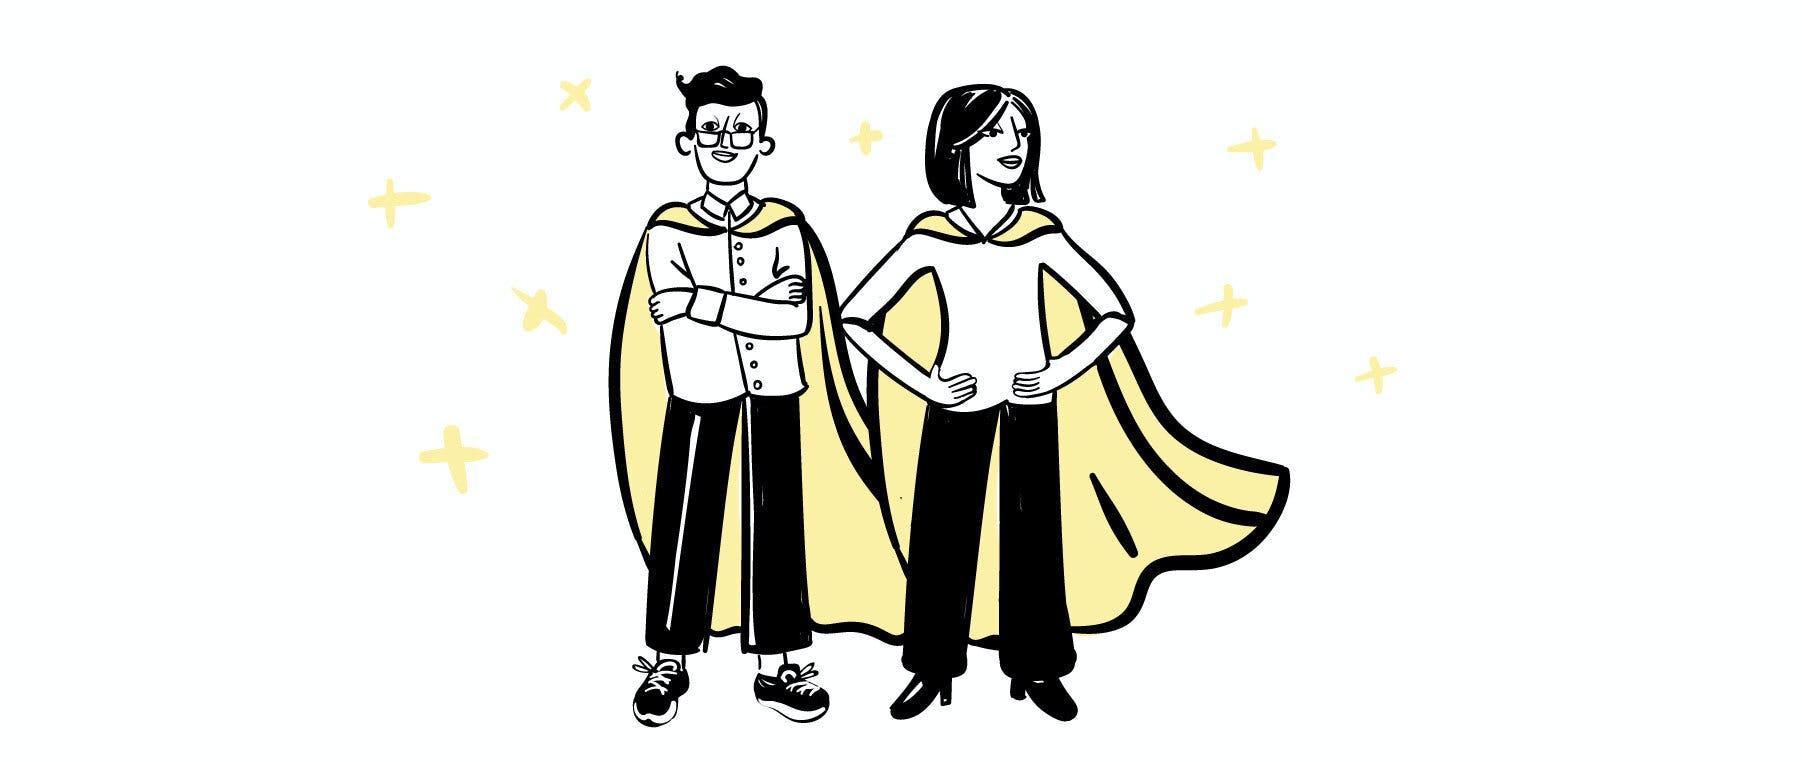 Steuerberater = Superhelden